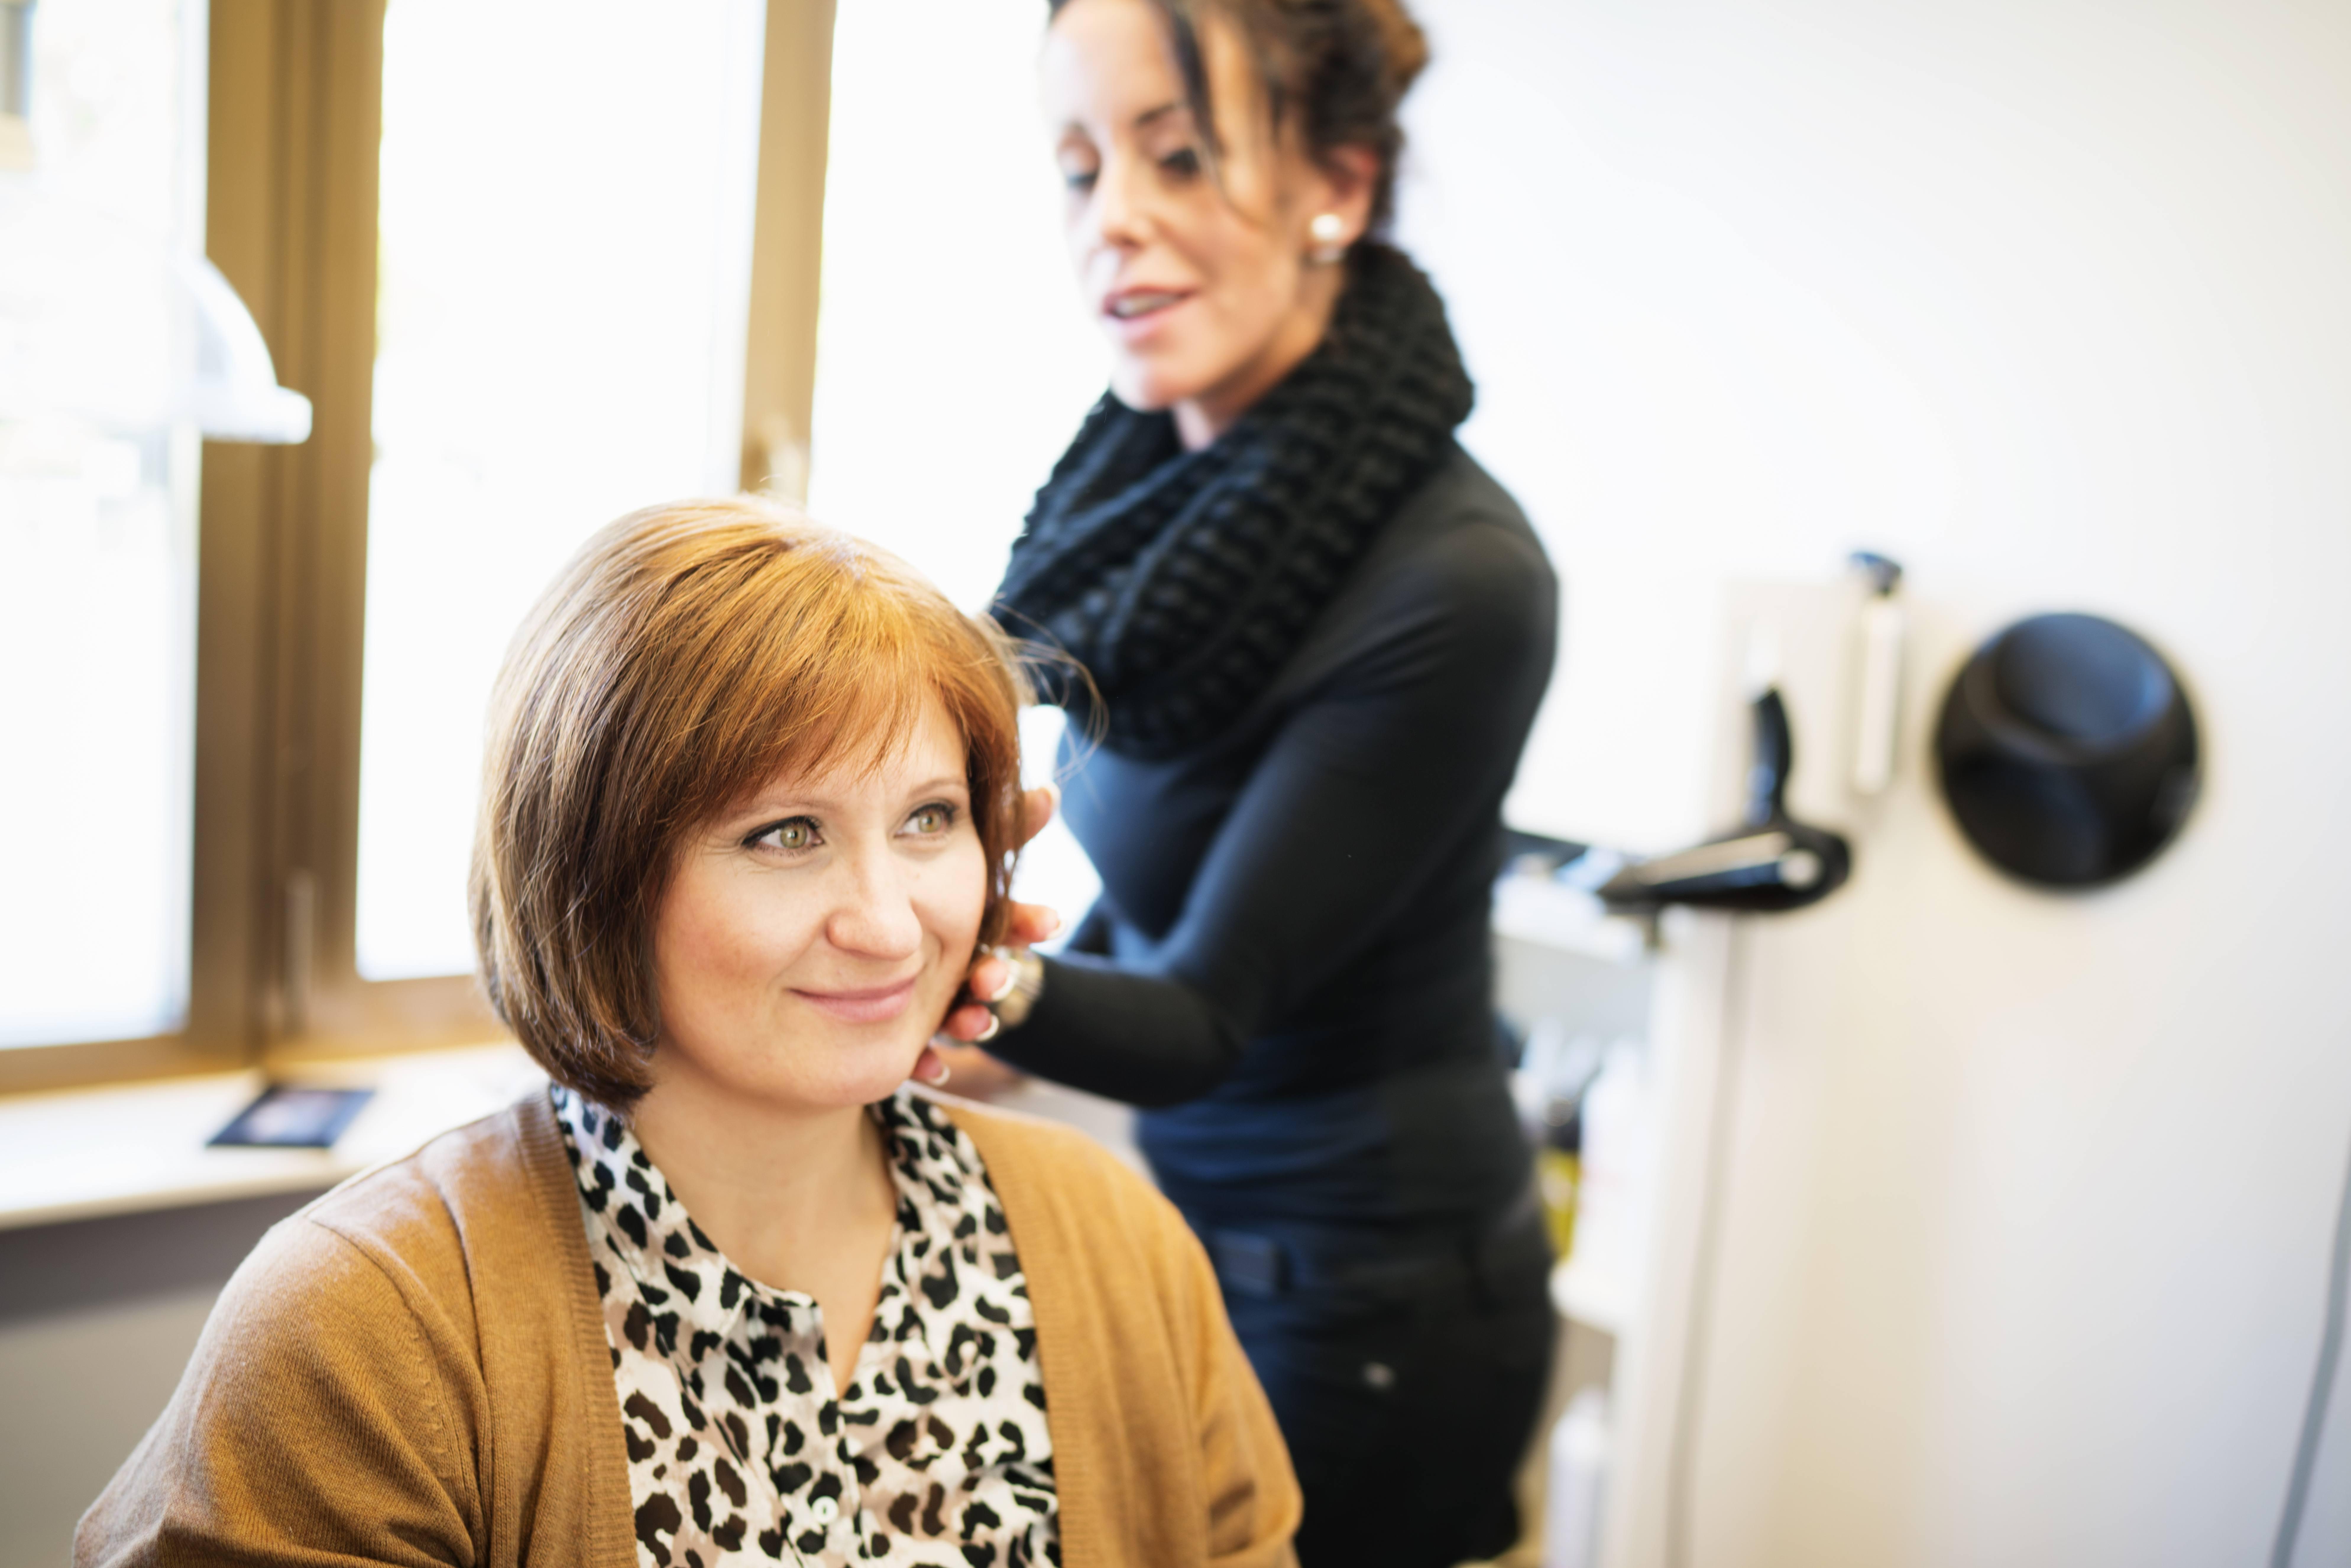 Anita har på seg en mønstret bluse og cardigan. Hun sitter i en frisørstol og smiler mens håret hennes blir stelt av en spesialist.